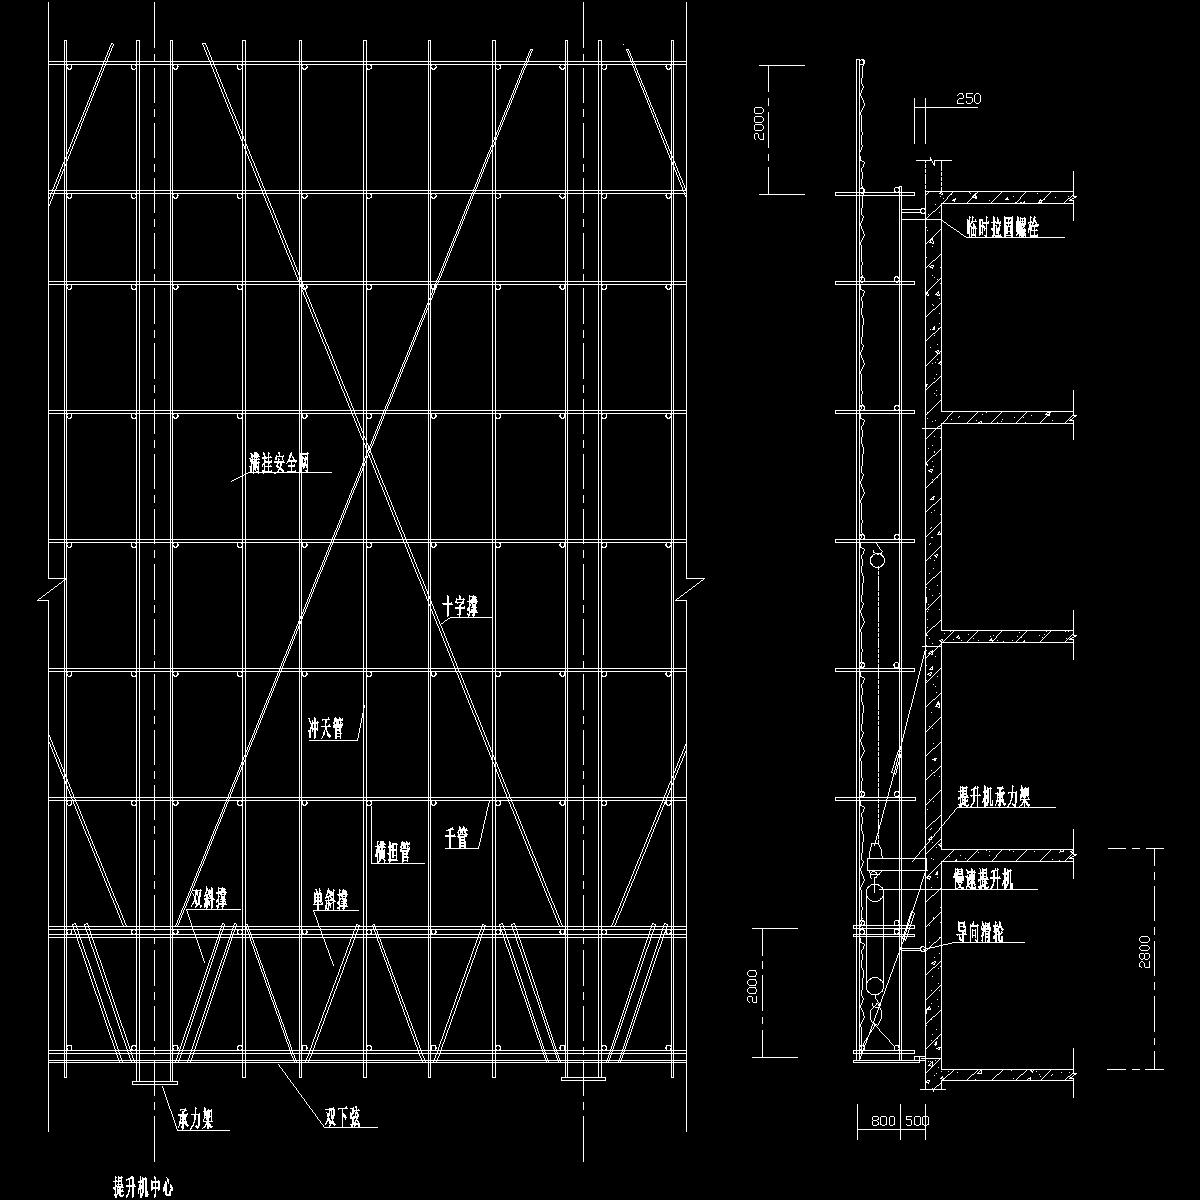 3.10.15剪力墙电动外架图.dwg